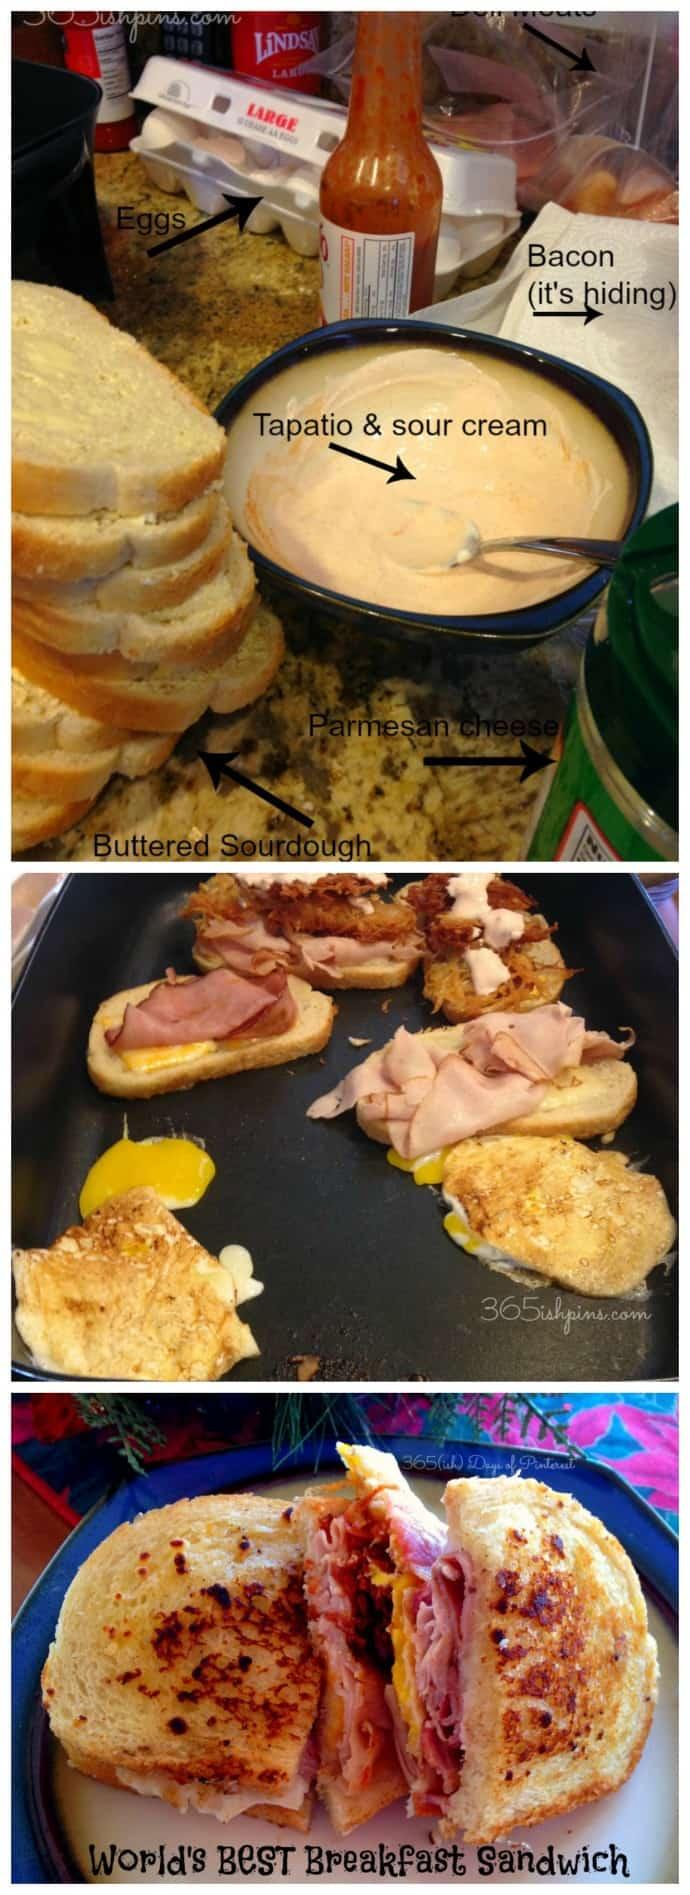 World's best breakfast sandwich